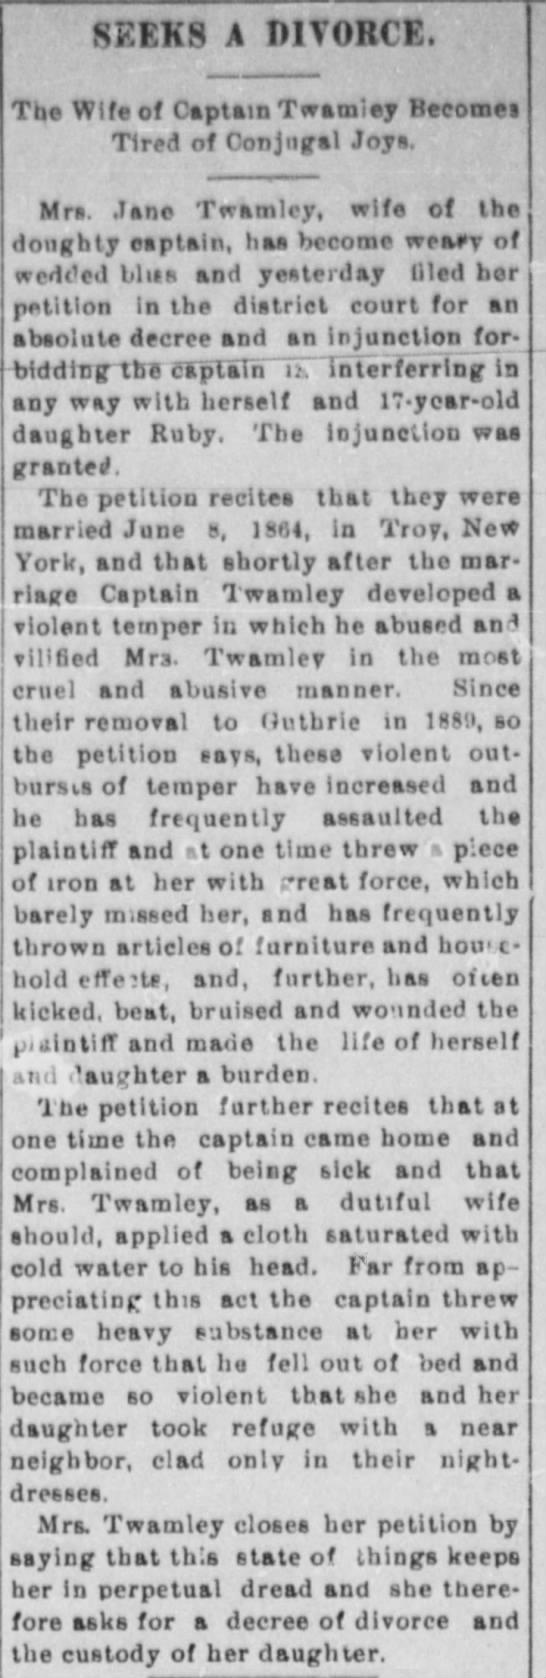 Mrs. Jane Twamley Seeks Divorce - SEEKS A DIVORCE. Tlio Wife of Captain Twamloy...